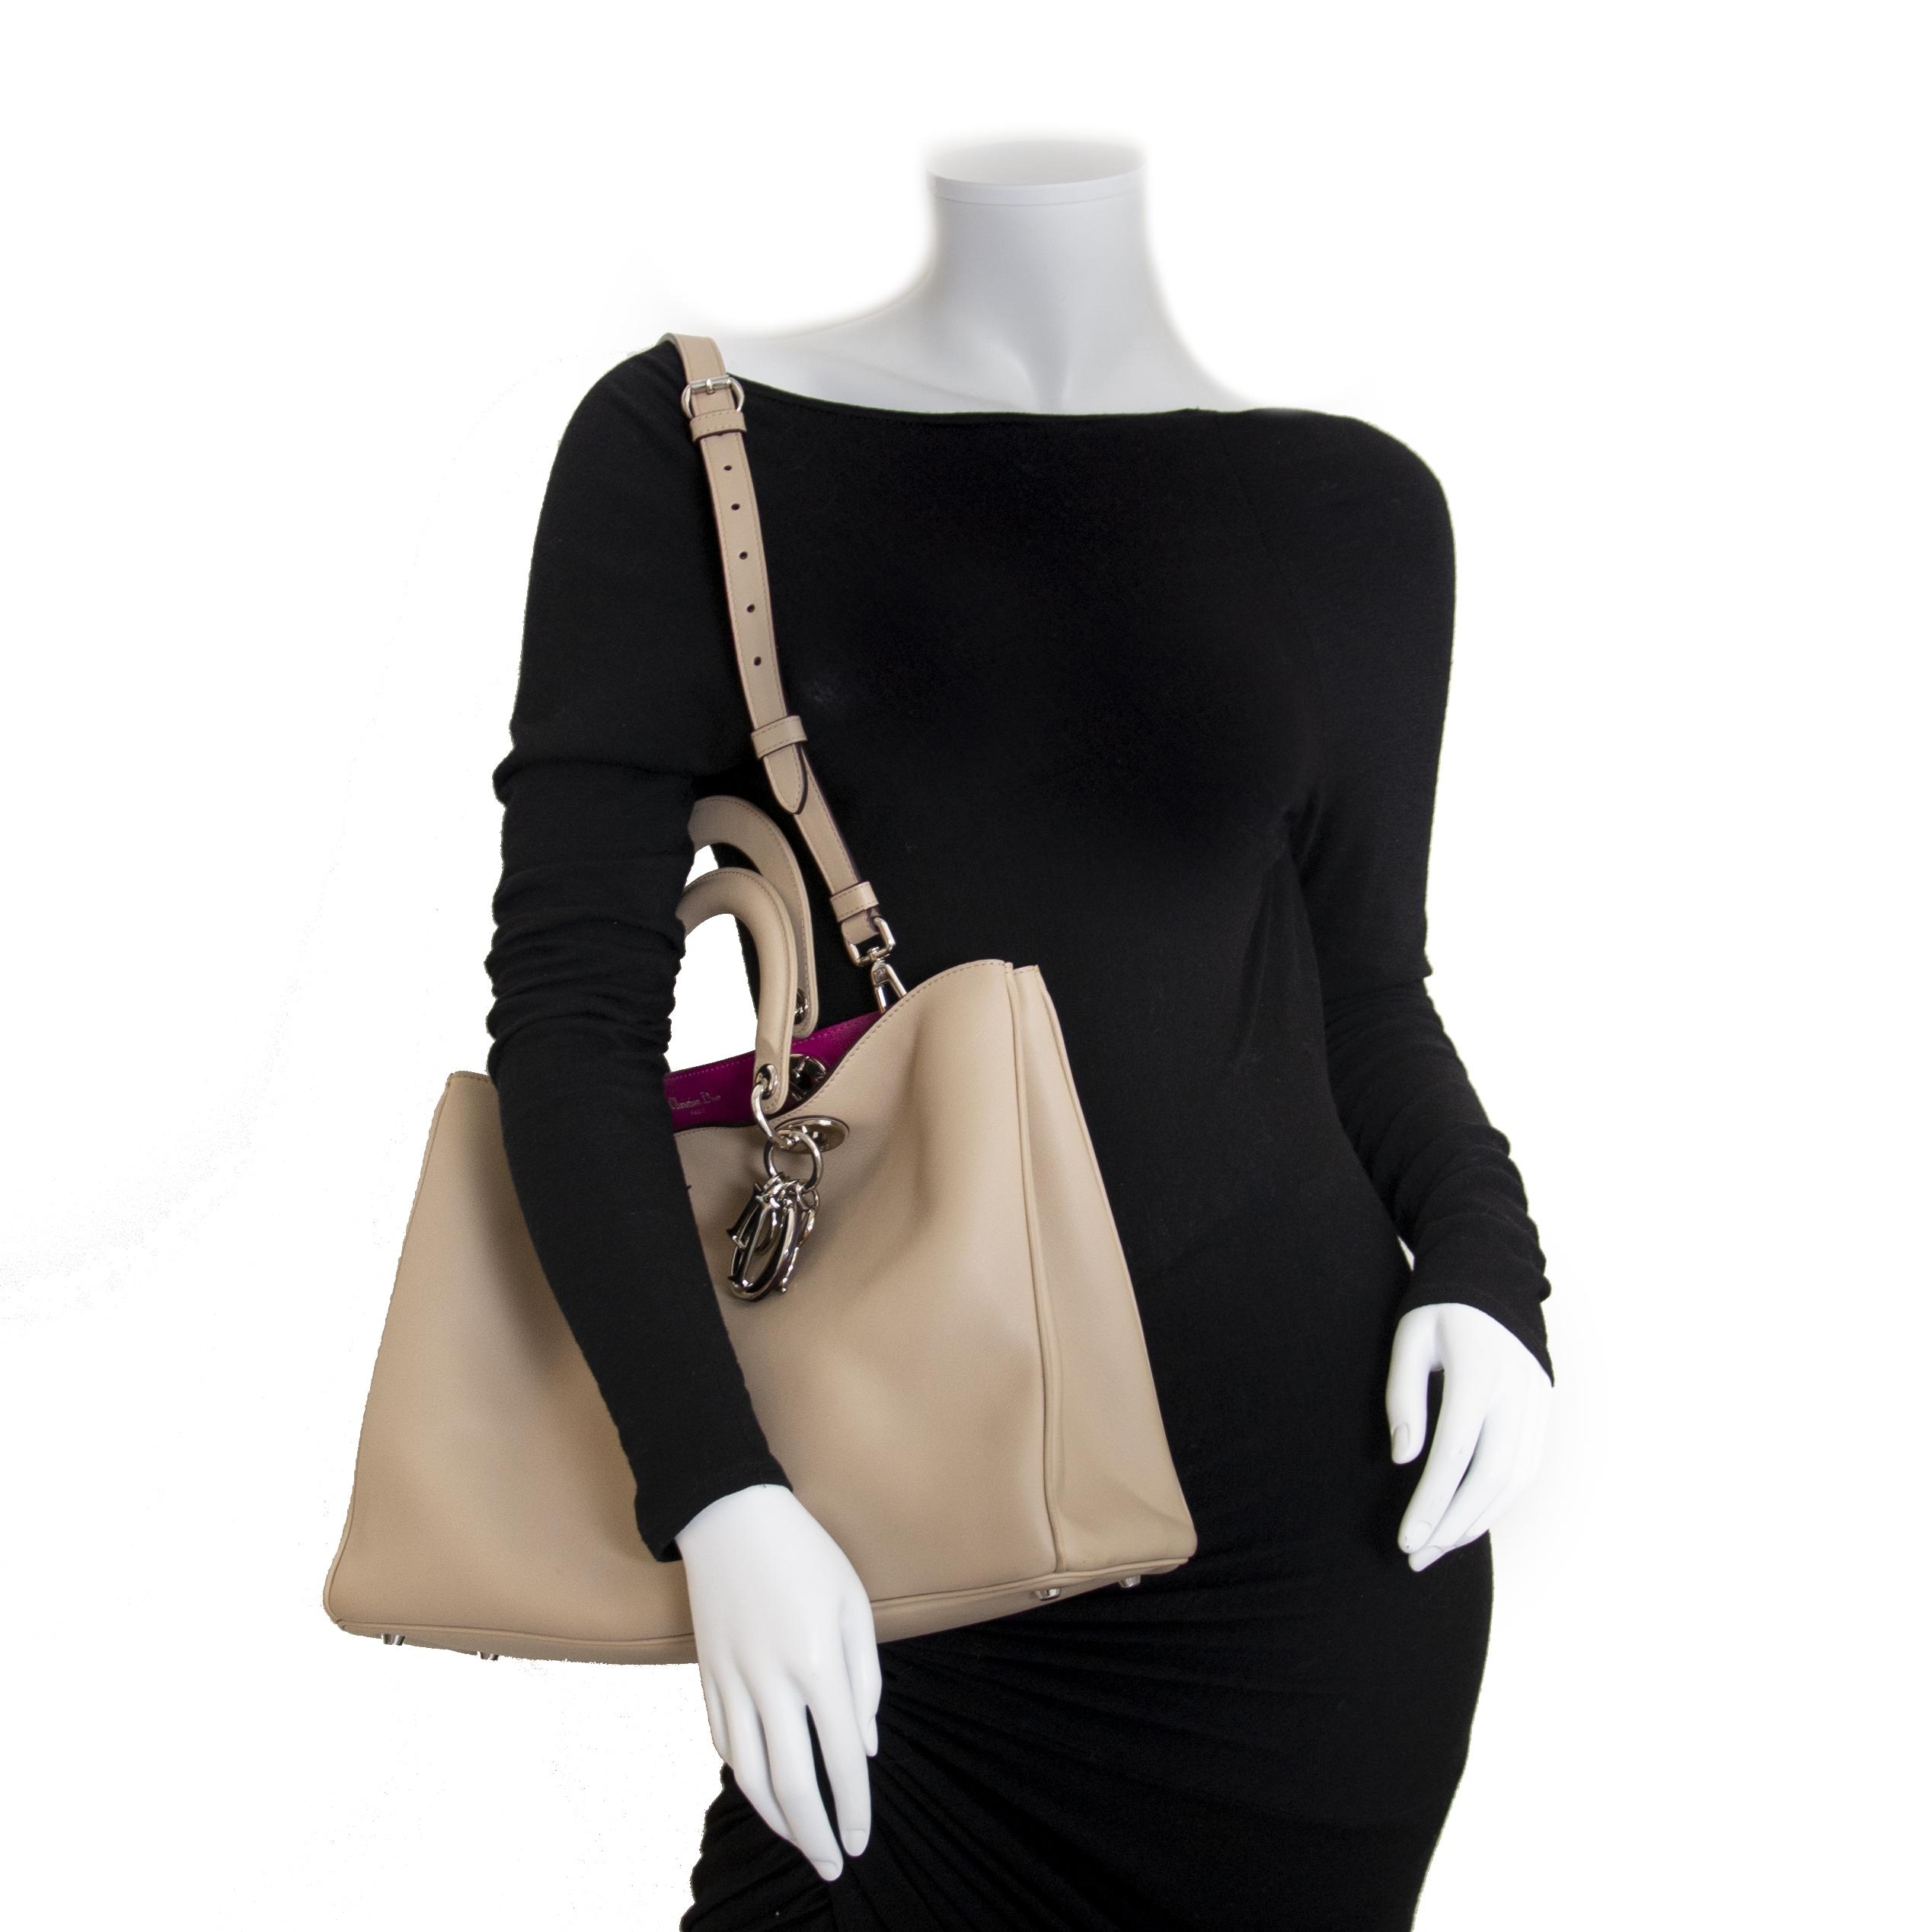 Dior Diorissimo Beige Calfskin Bag with Fuschia Interior for sale kopen en verkopen aan de beste prijs